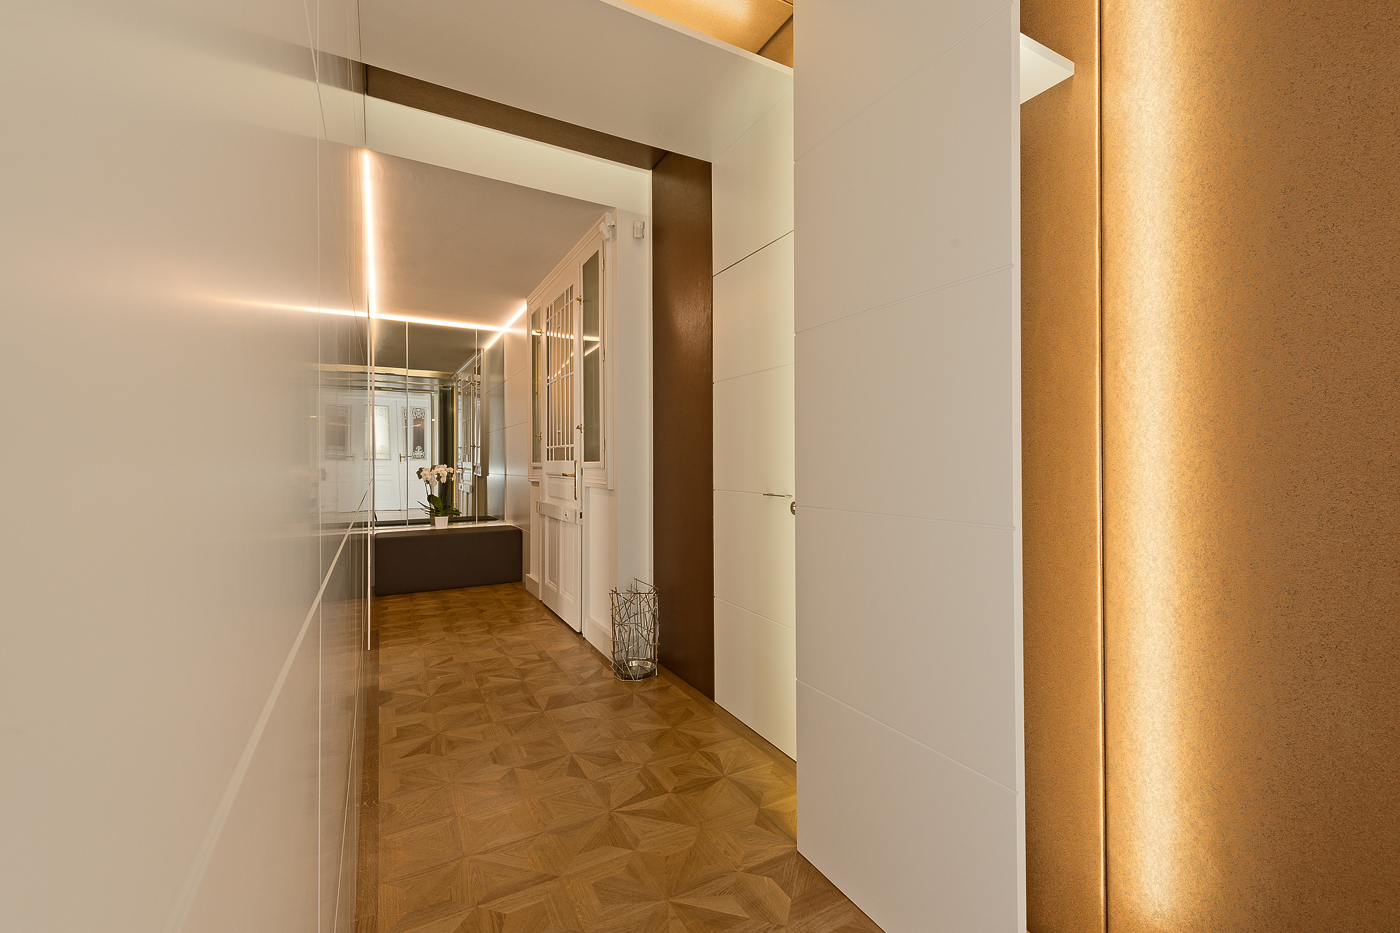 LIEGLER TAKEH ARCHITEKTEN Projekt Kohlmarkt Büro Vorraum